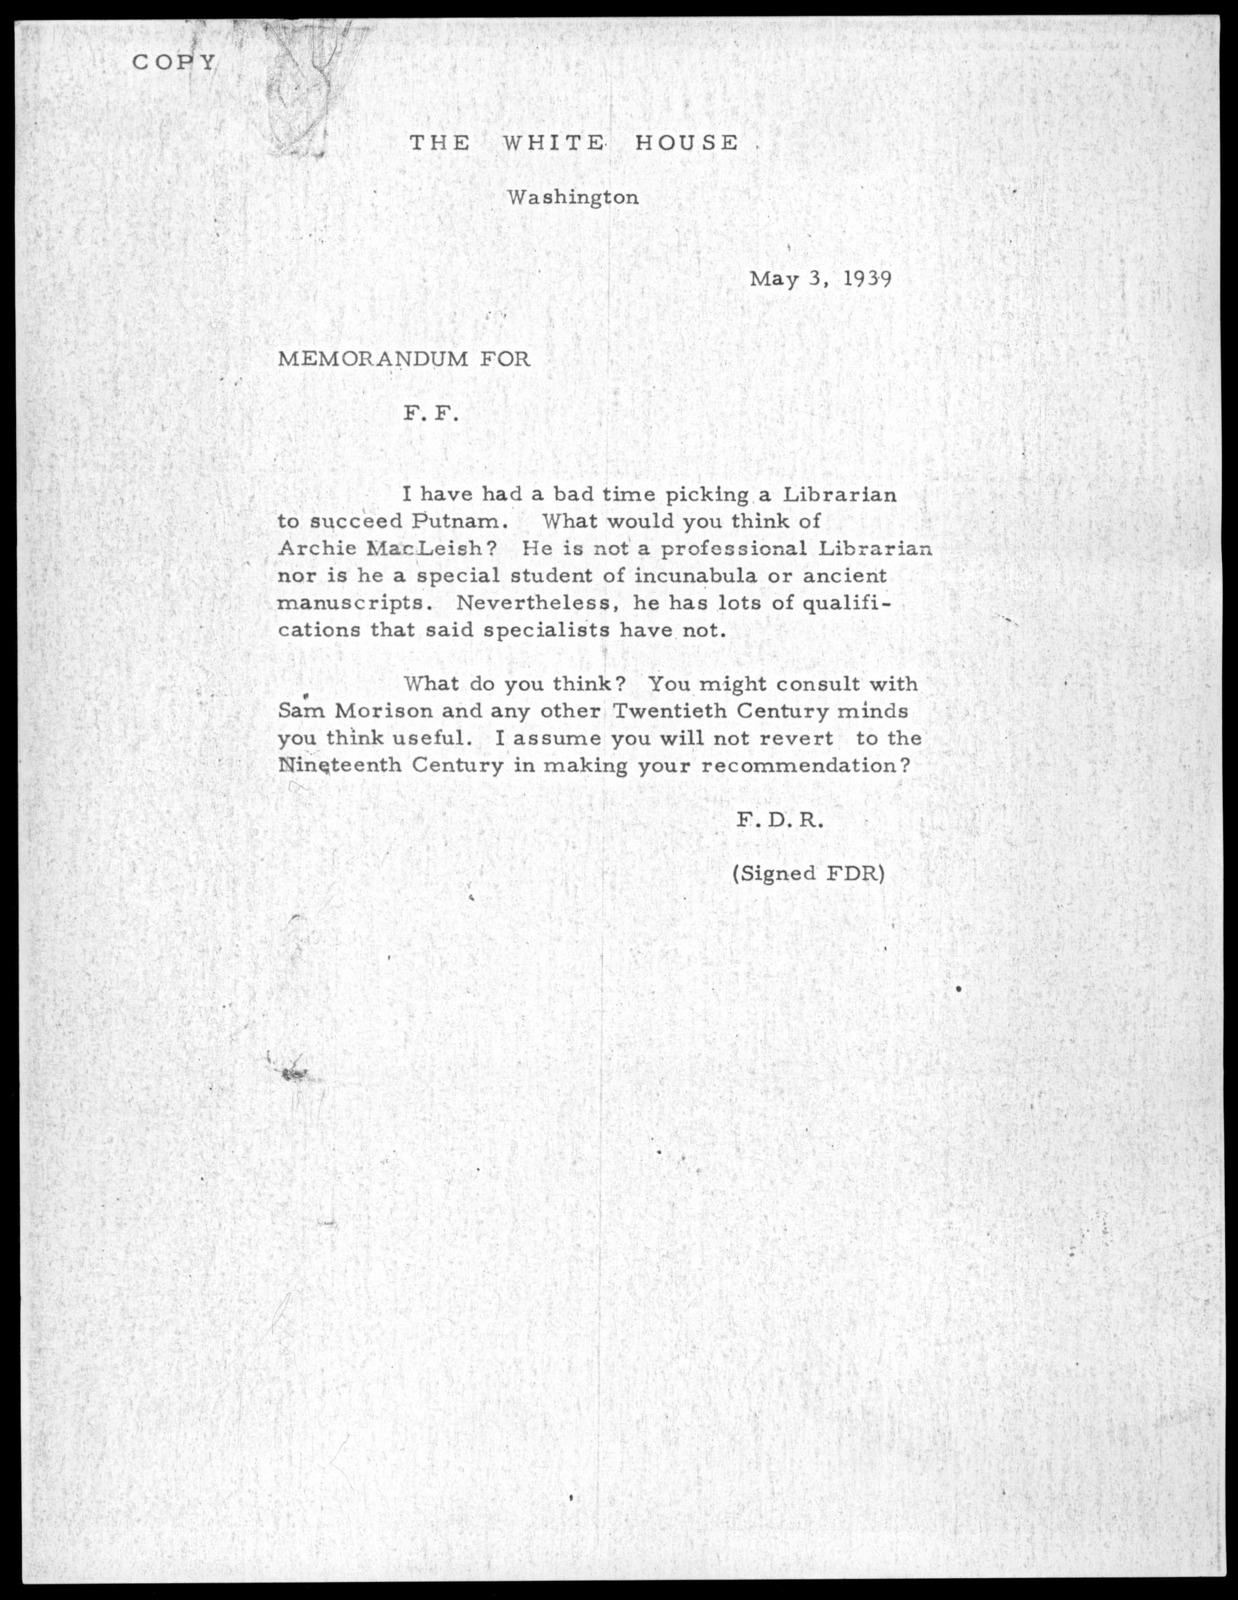 Letter from Franklin D. Roosevelt to Felix Frankfurter, May 3, 1939